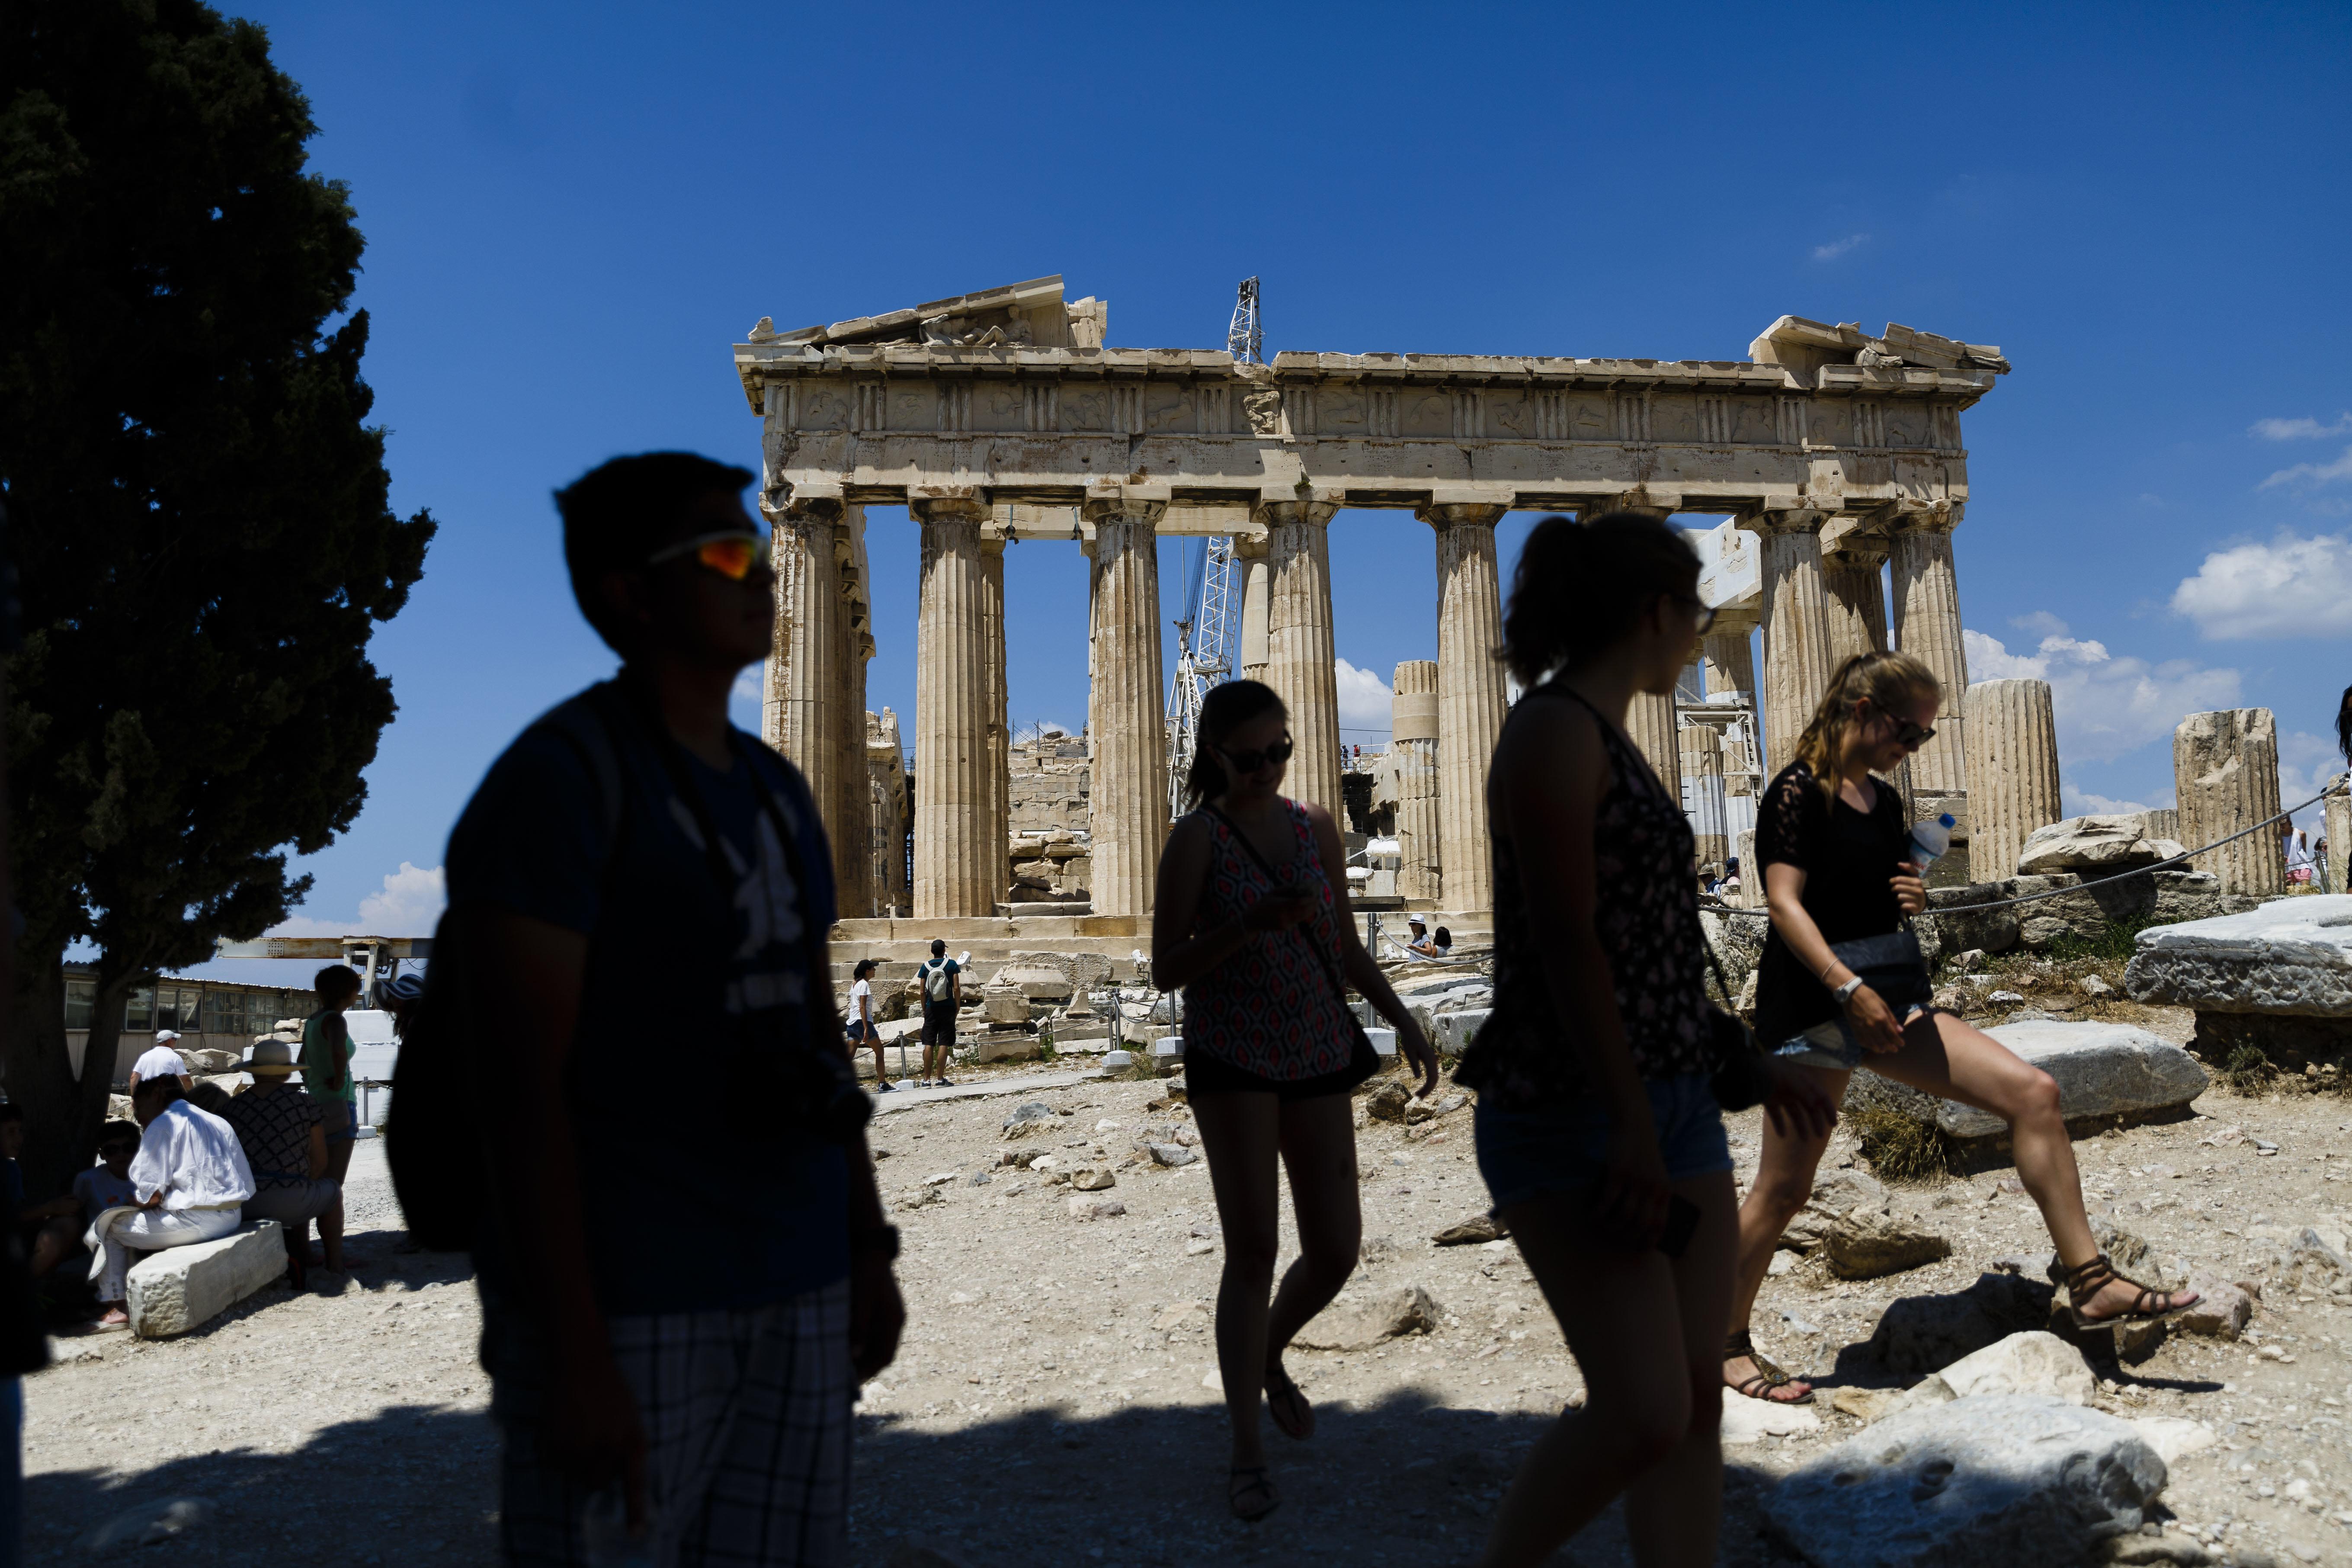 Ποιος ο ρόλος της αρχαίας πολιτιστικής κληρονομιάς μας: Συζήτηση στο Νέο Μουσείο